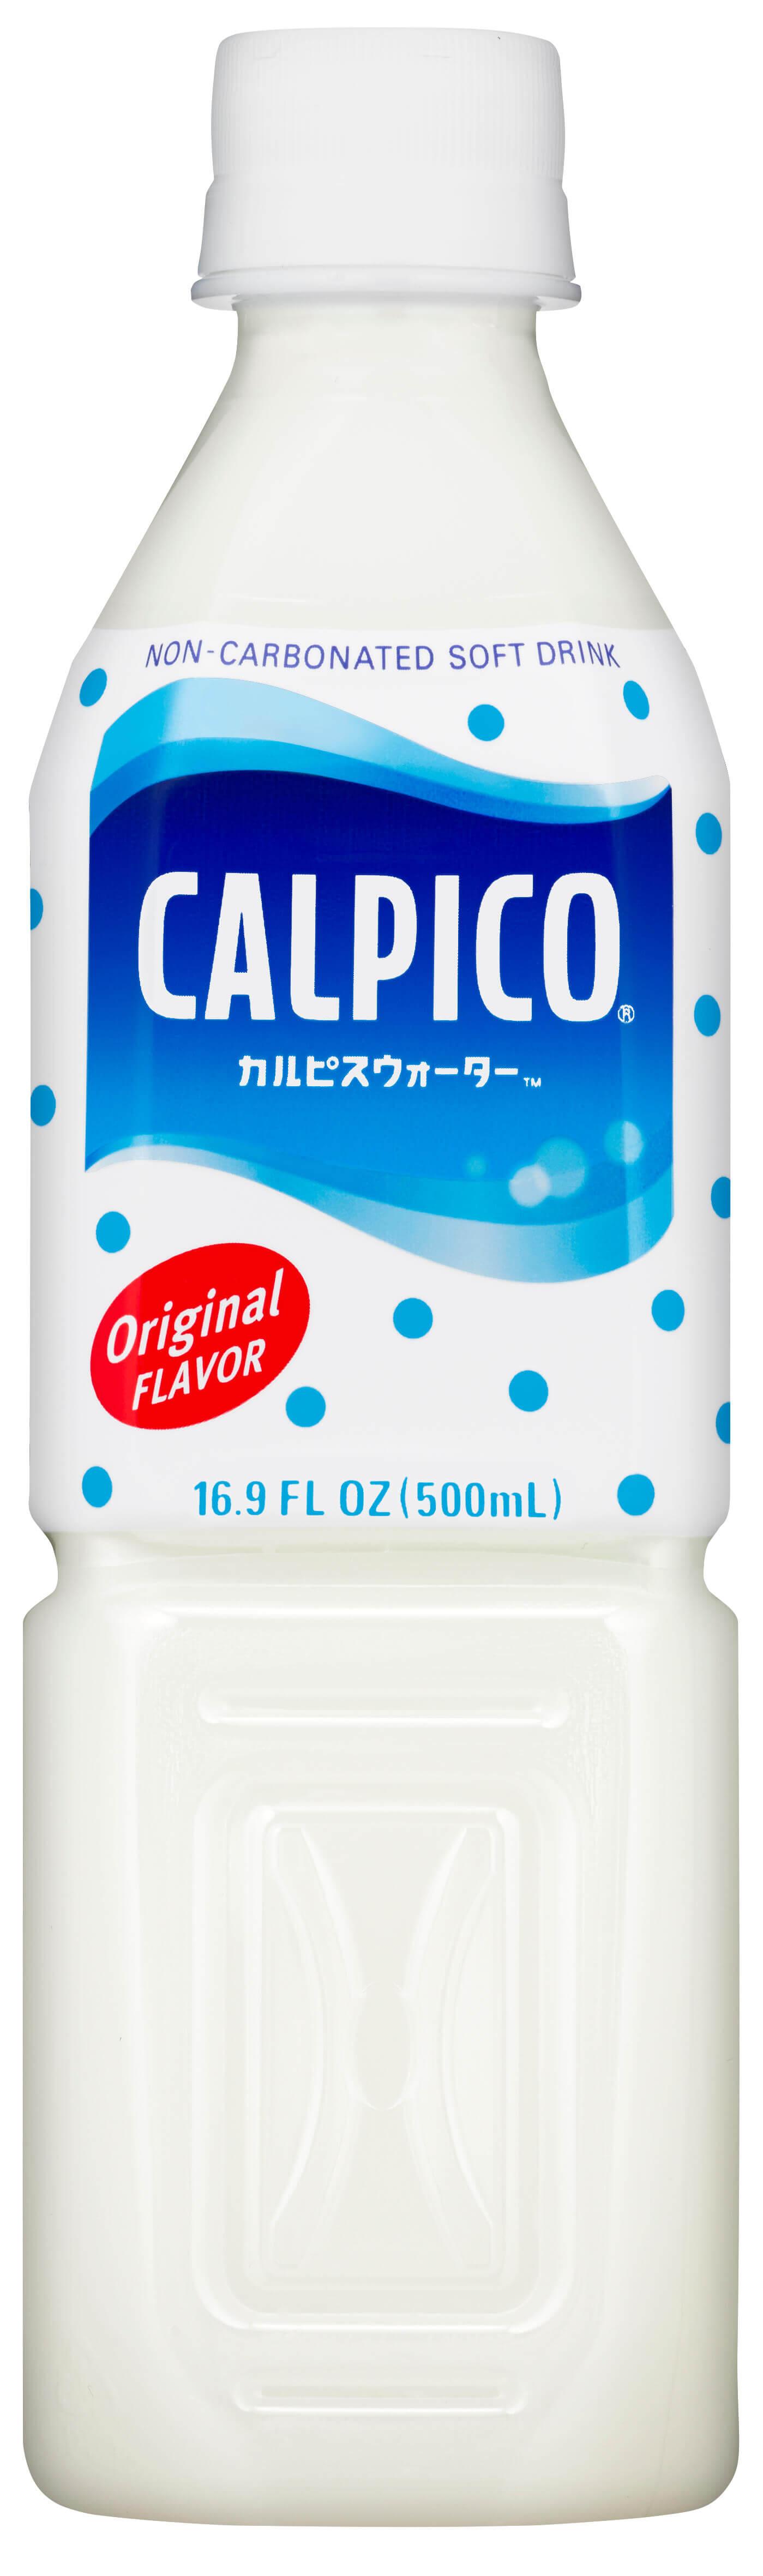 Calpico Original